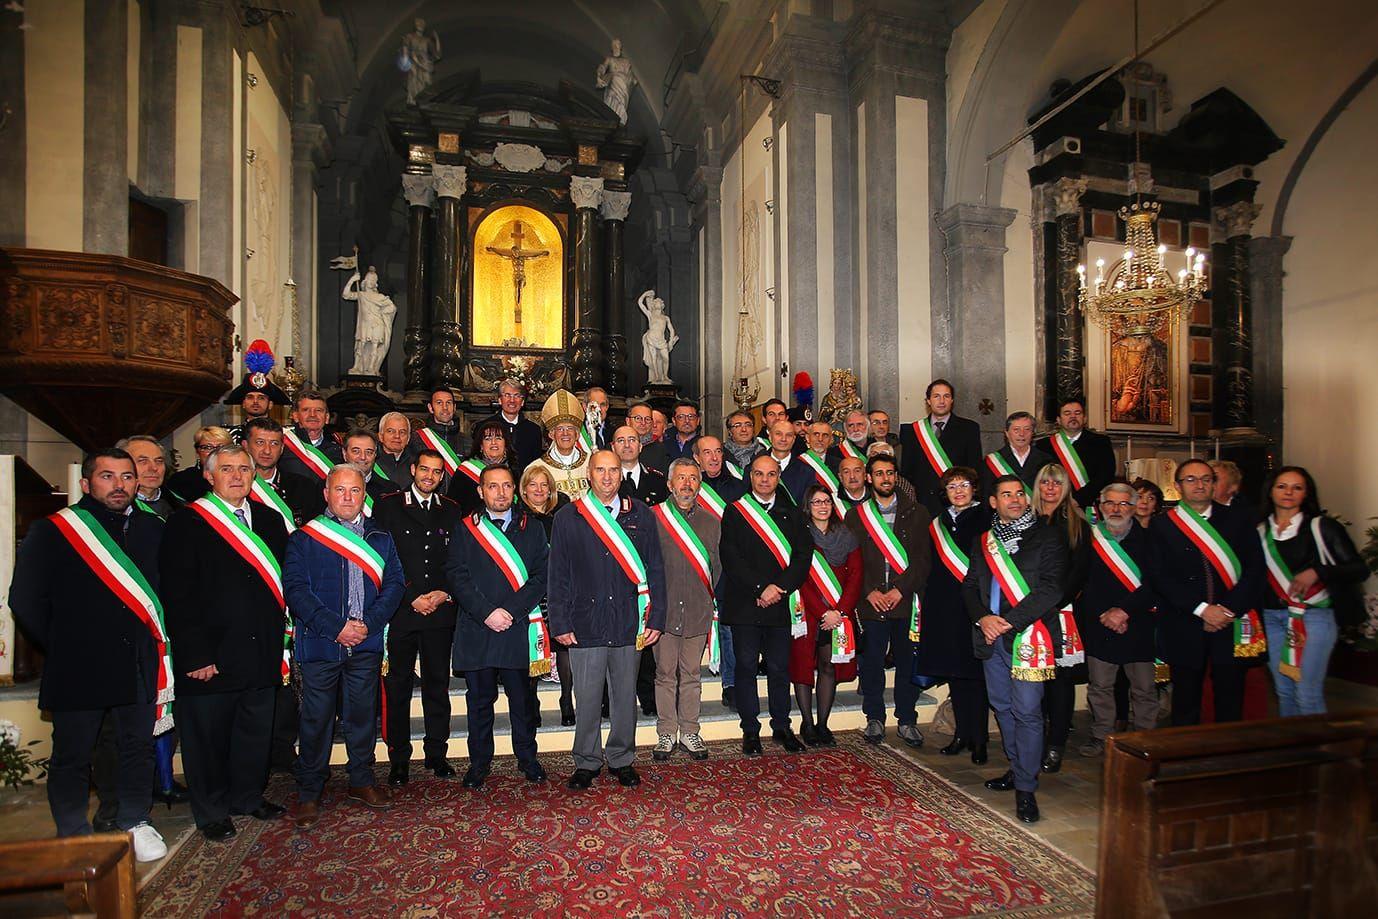 PONT CANAVESE - I carabinieri hanno celebrato la Virgo Fidelis, patrona dell'Arma - FOTO e VIDEO